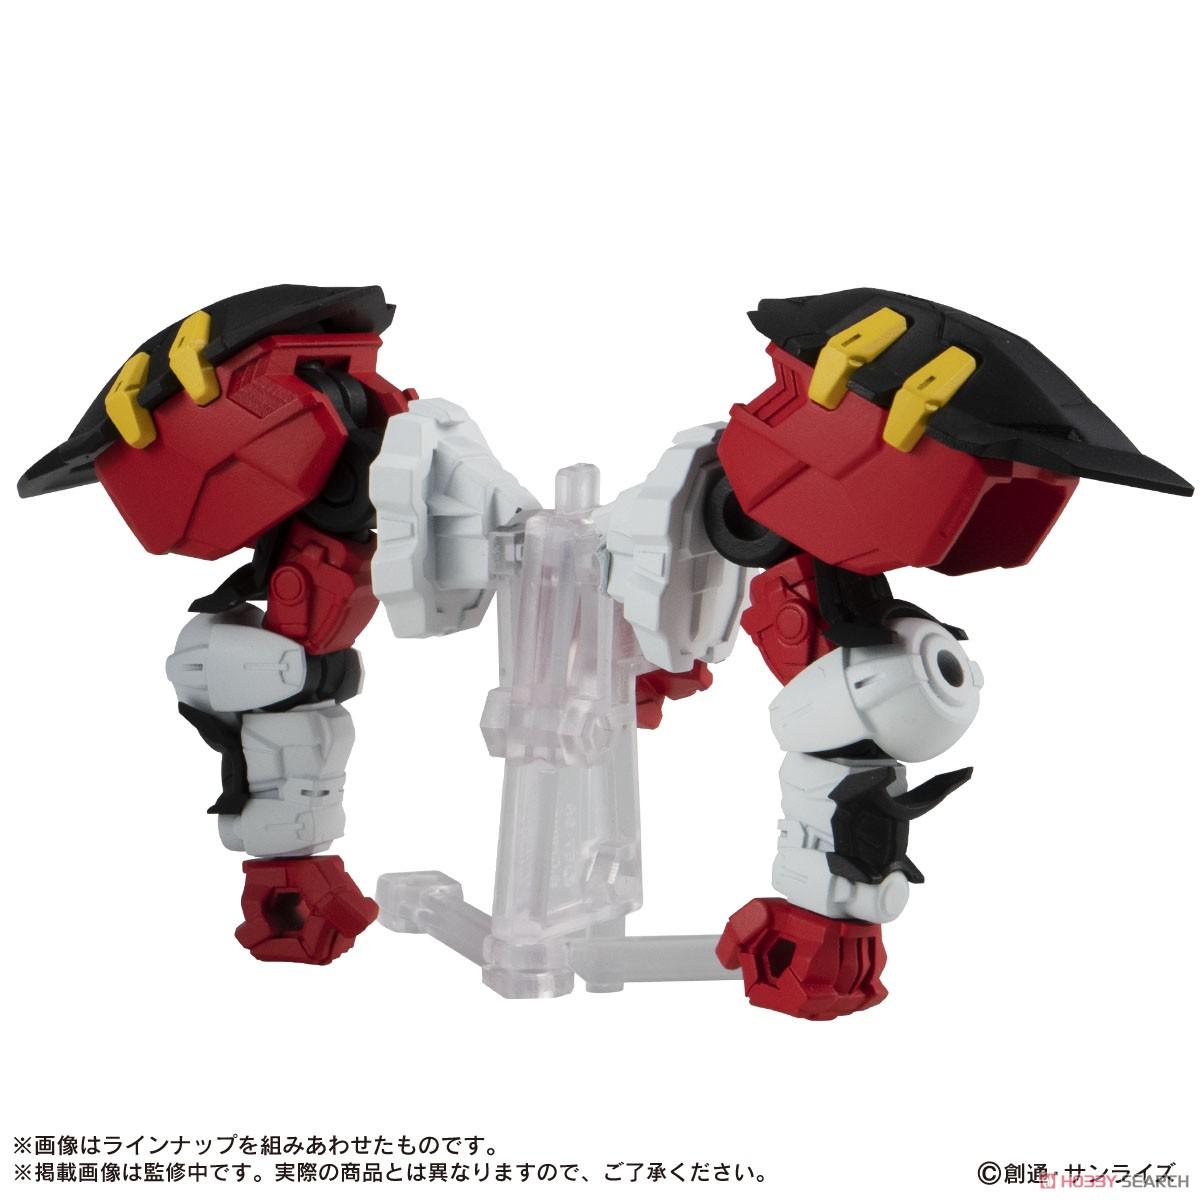 機動戦士ガンダム『MOBILE SUIT ENSEMBLE19』デフォルメ可動フィギュア 10個入りBOX-003